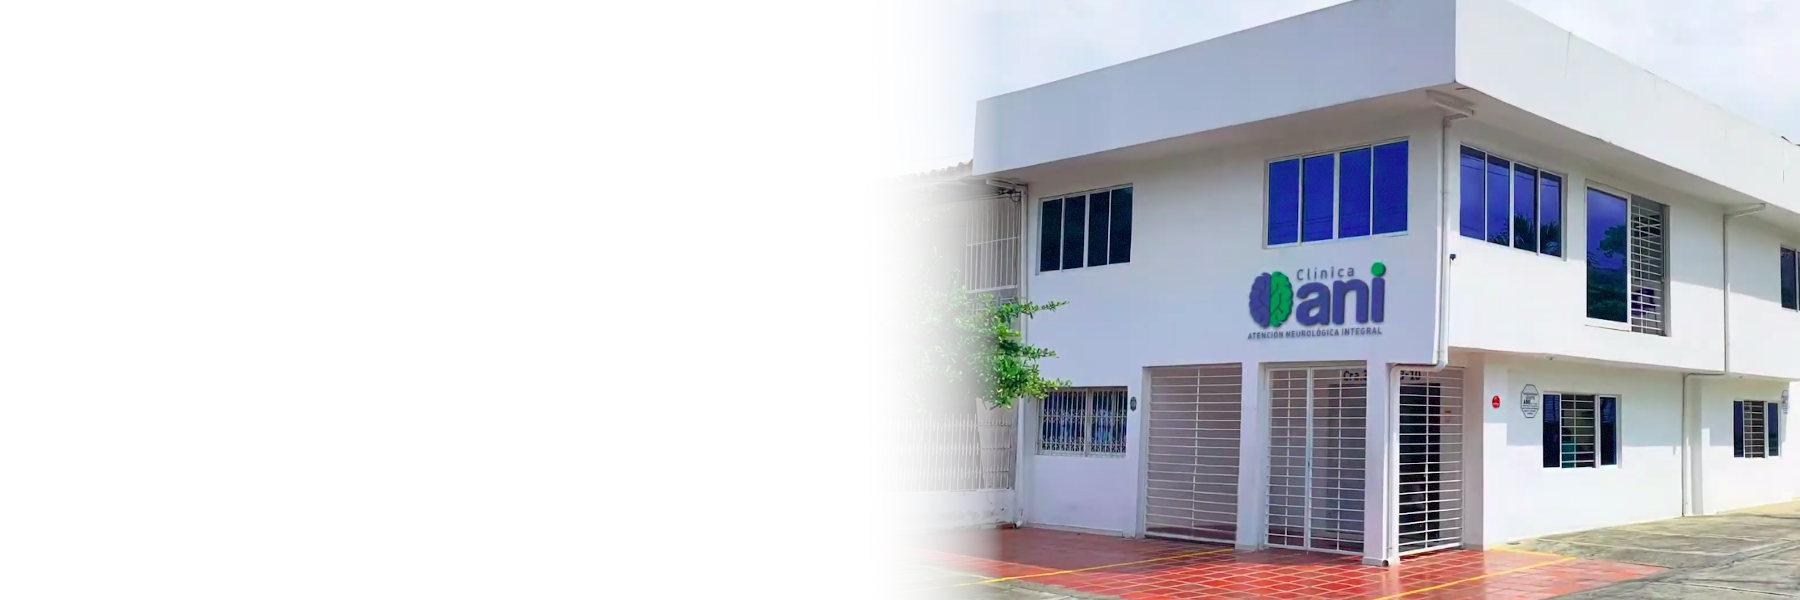 Clinica ANI